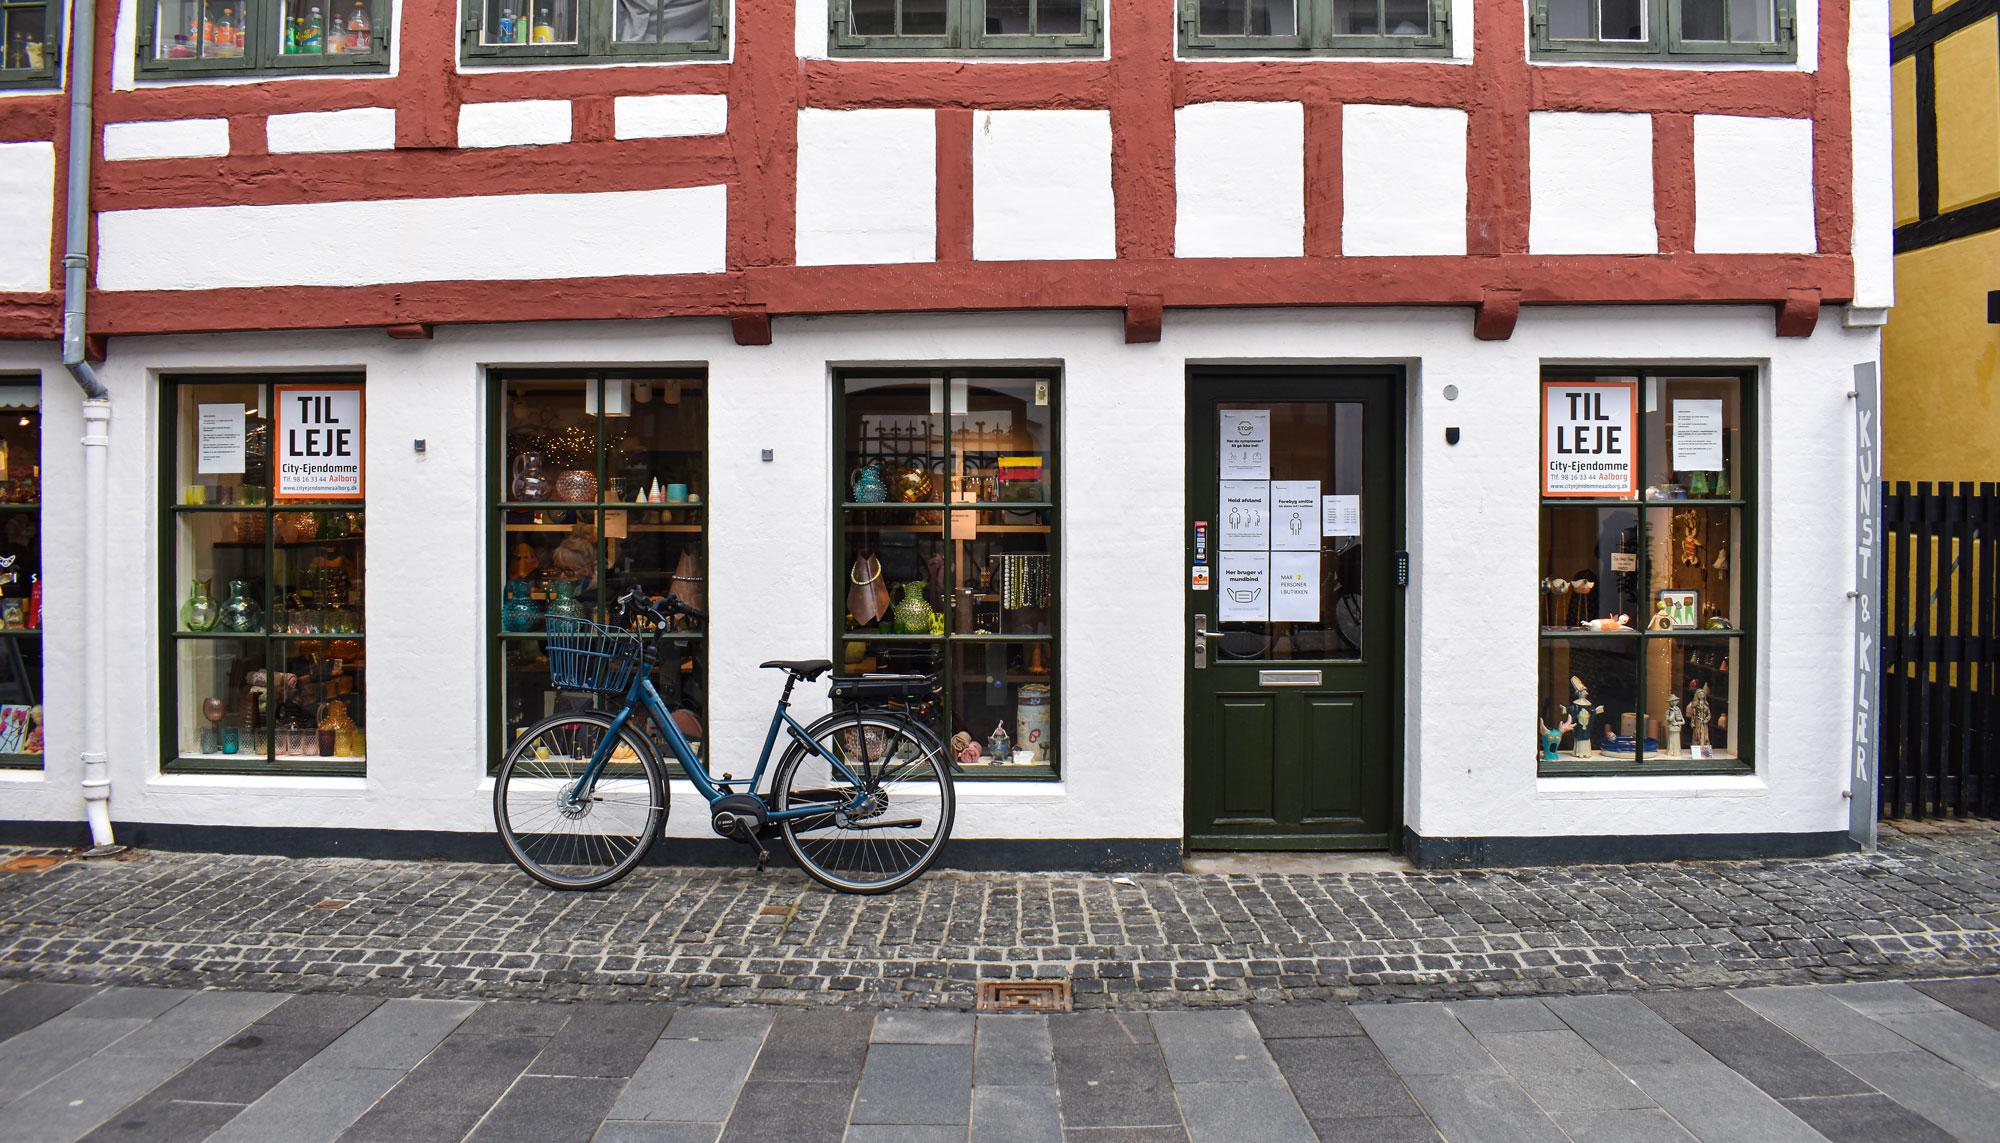 Slut efter 9 år: Livsstilsbutik lukker i Nørregade